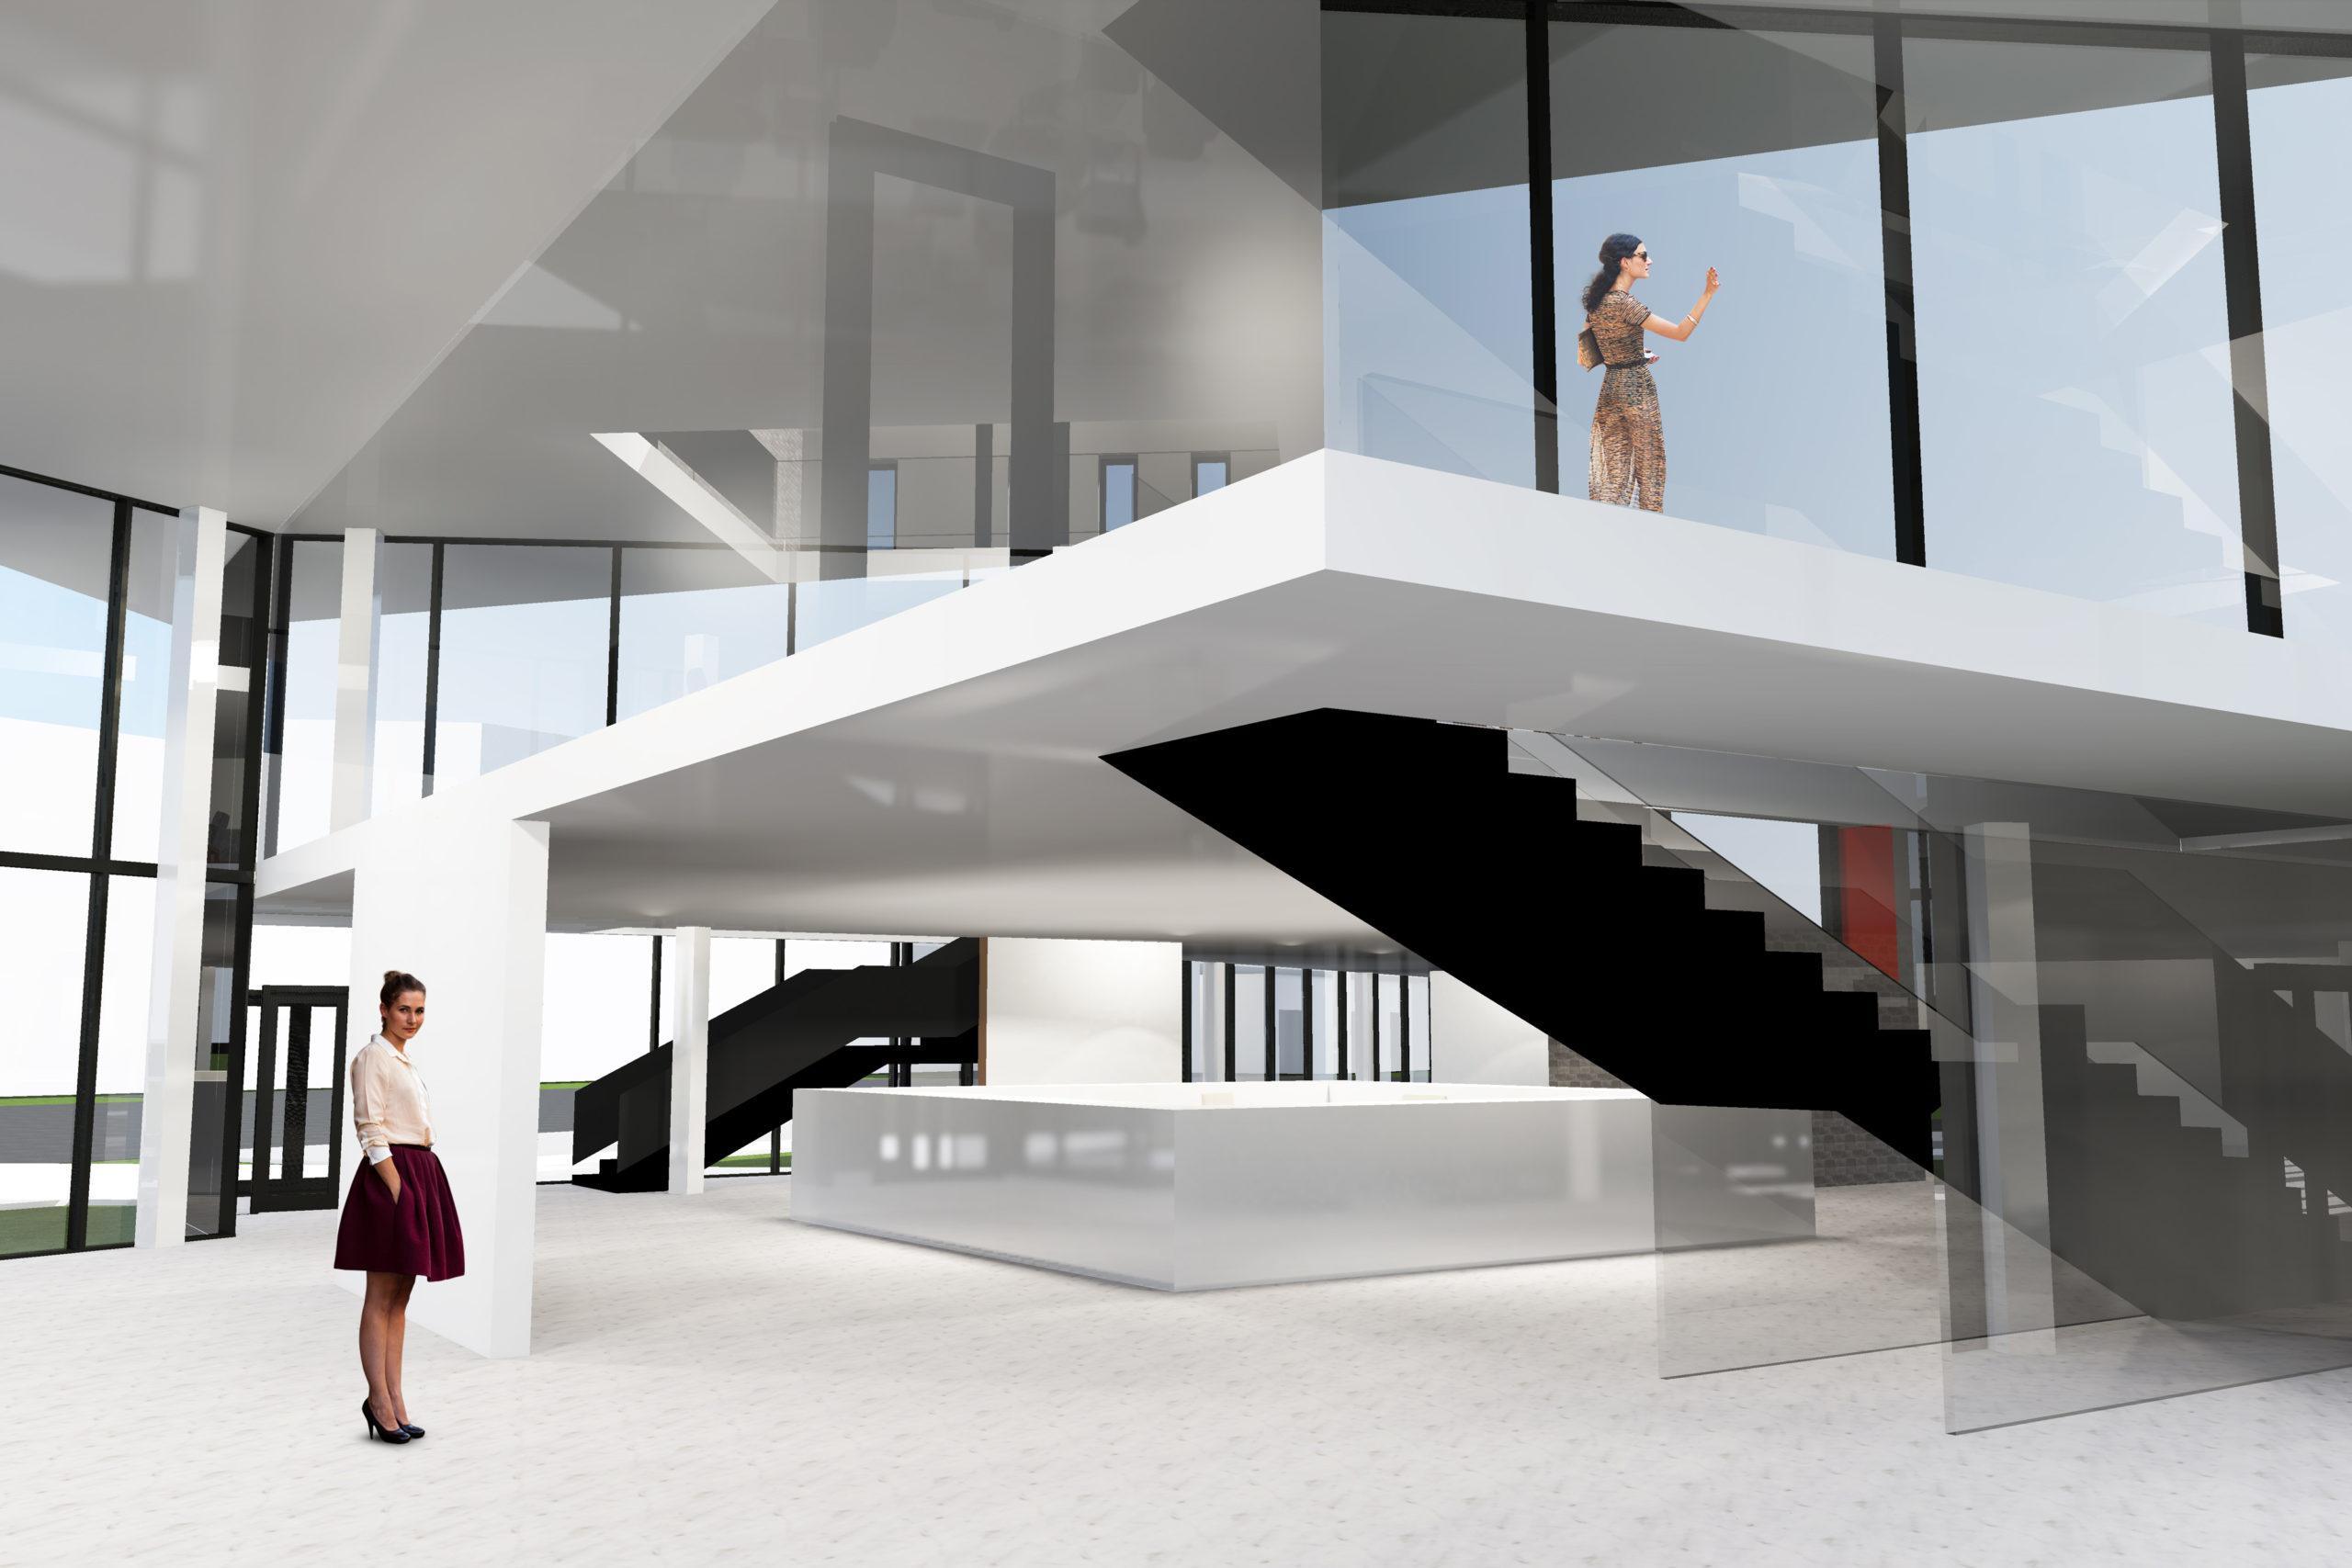 salon meblowy, katowice, 2016, black&white, biuro projektowe